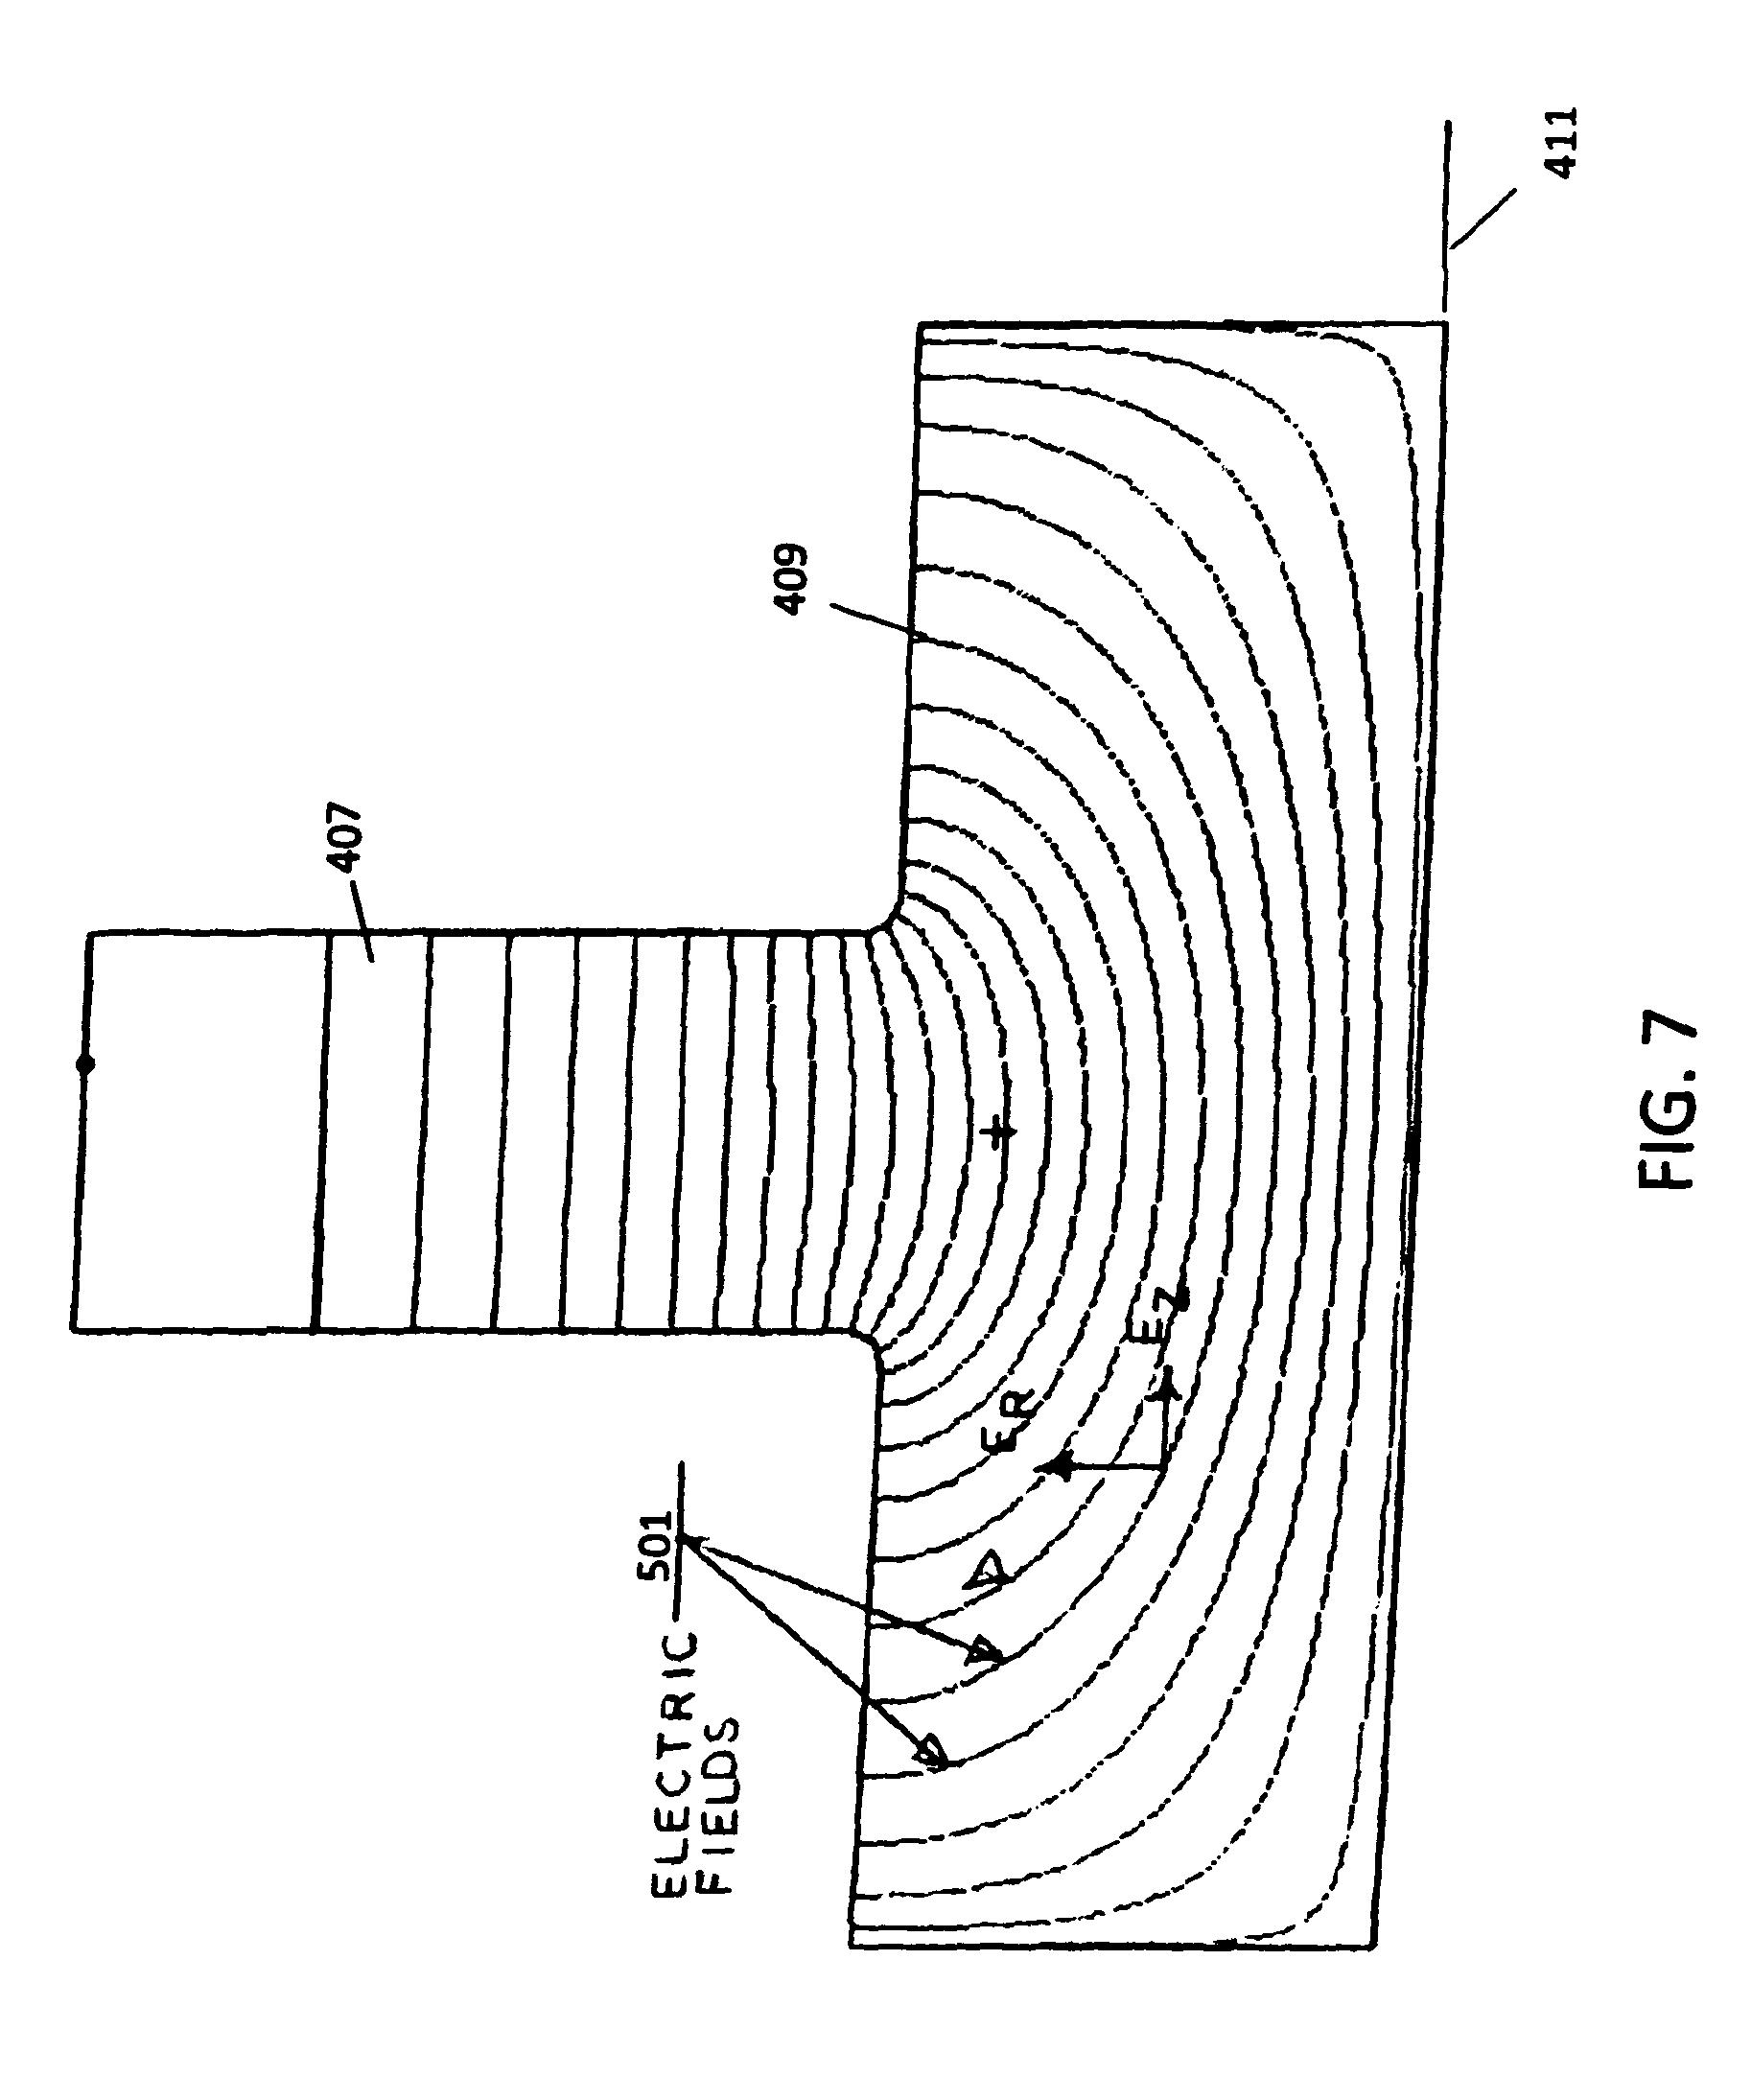 patent us8258725